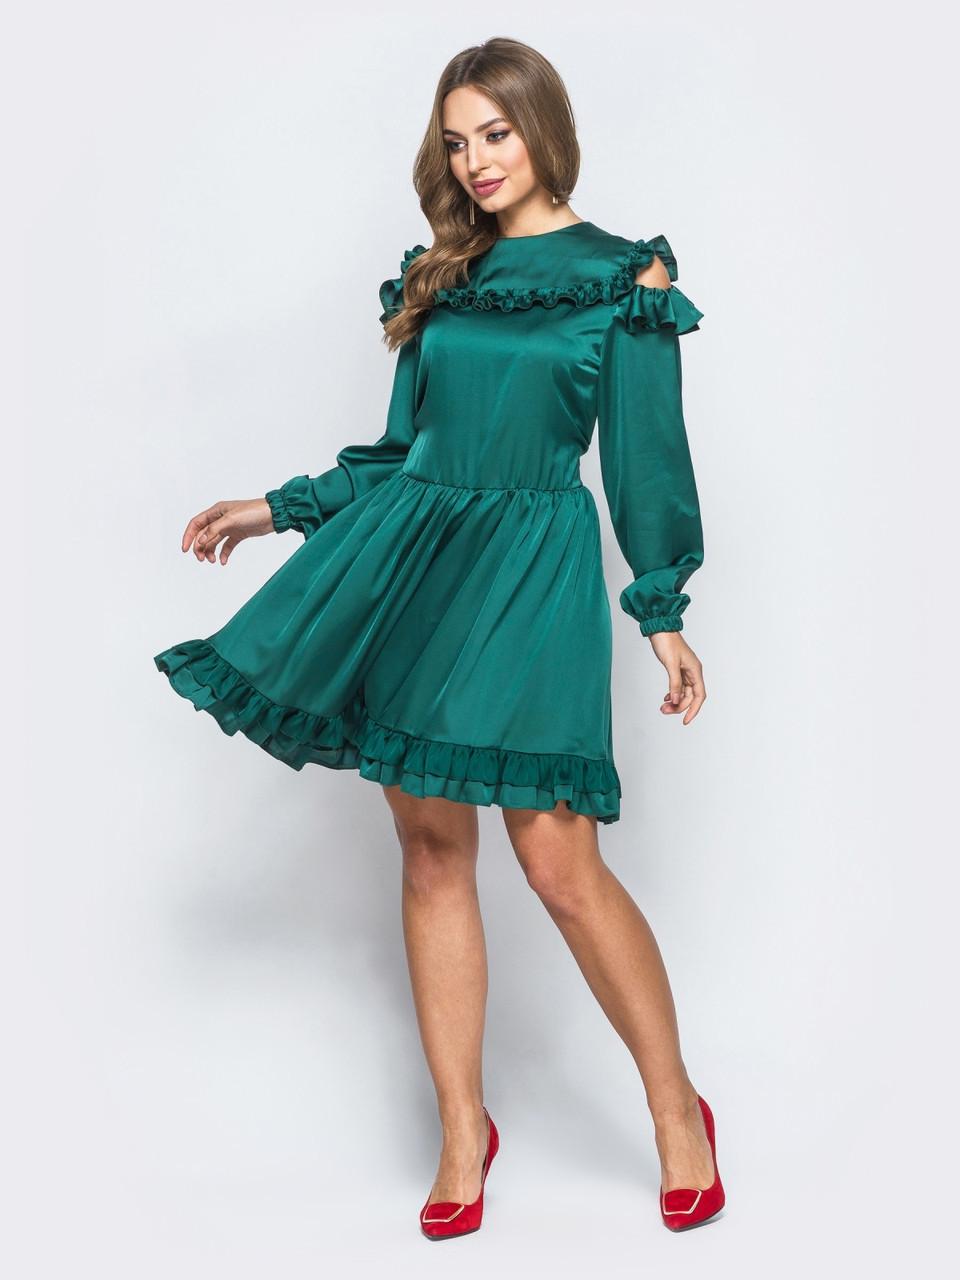 52cc0595131 🔘️Шелковое платье с расклешенной юбкой и рюшами (зеленое)   Размер ...